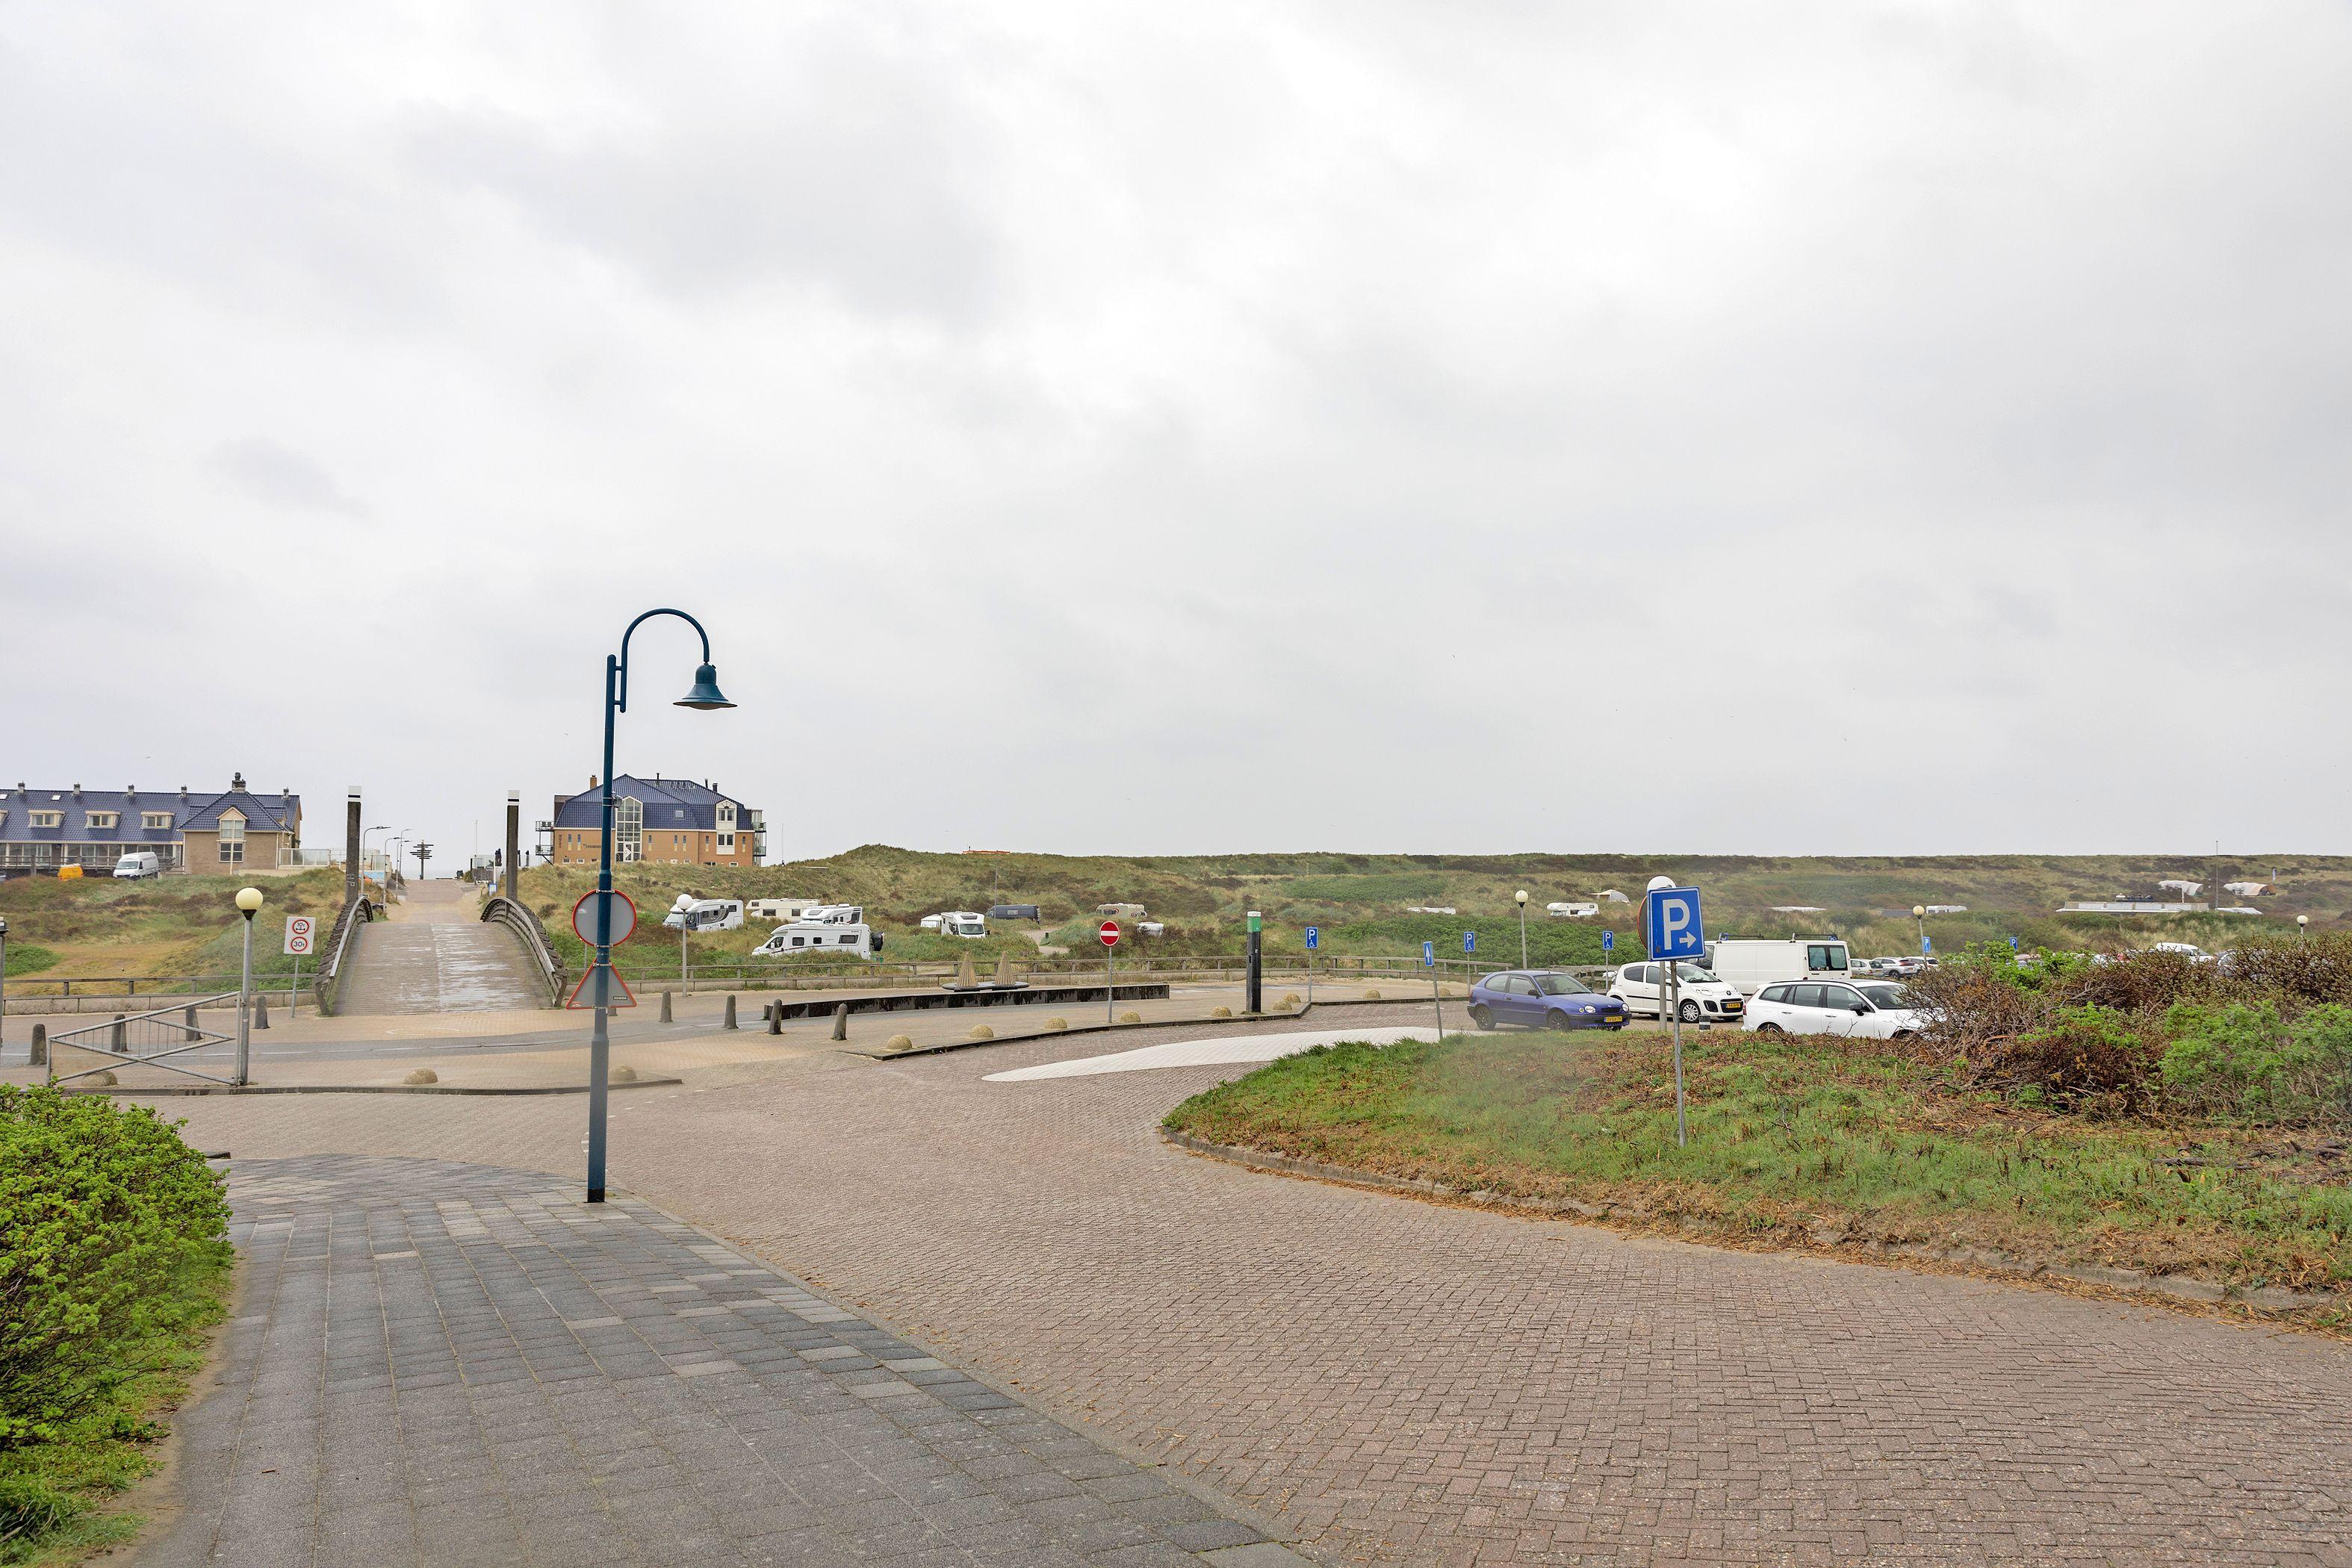 Een parkeergarage in de duinen zou een oplossing zijn voor de parkeerproblemen in badplaats De Koog